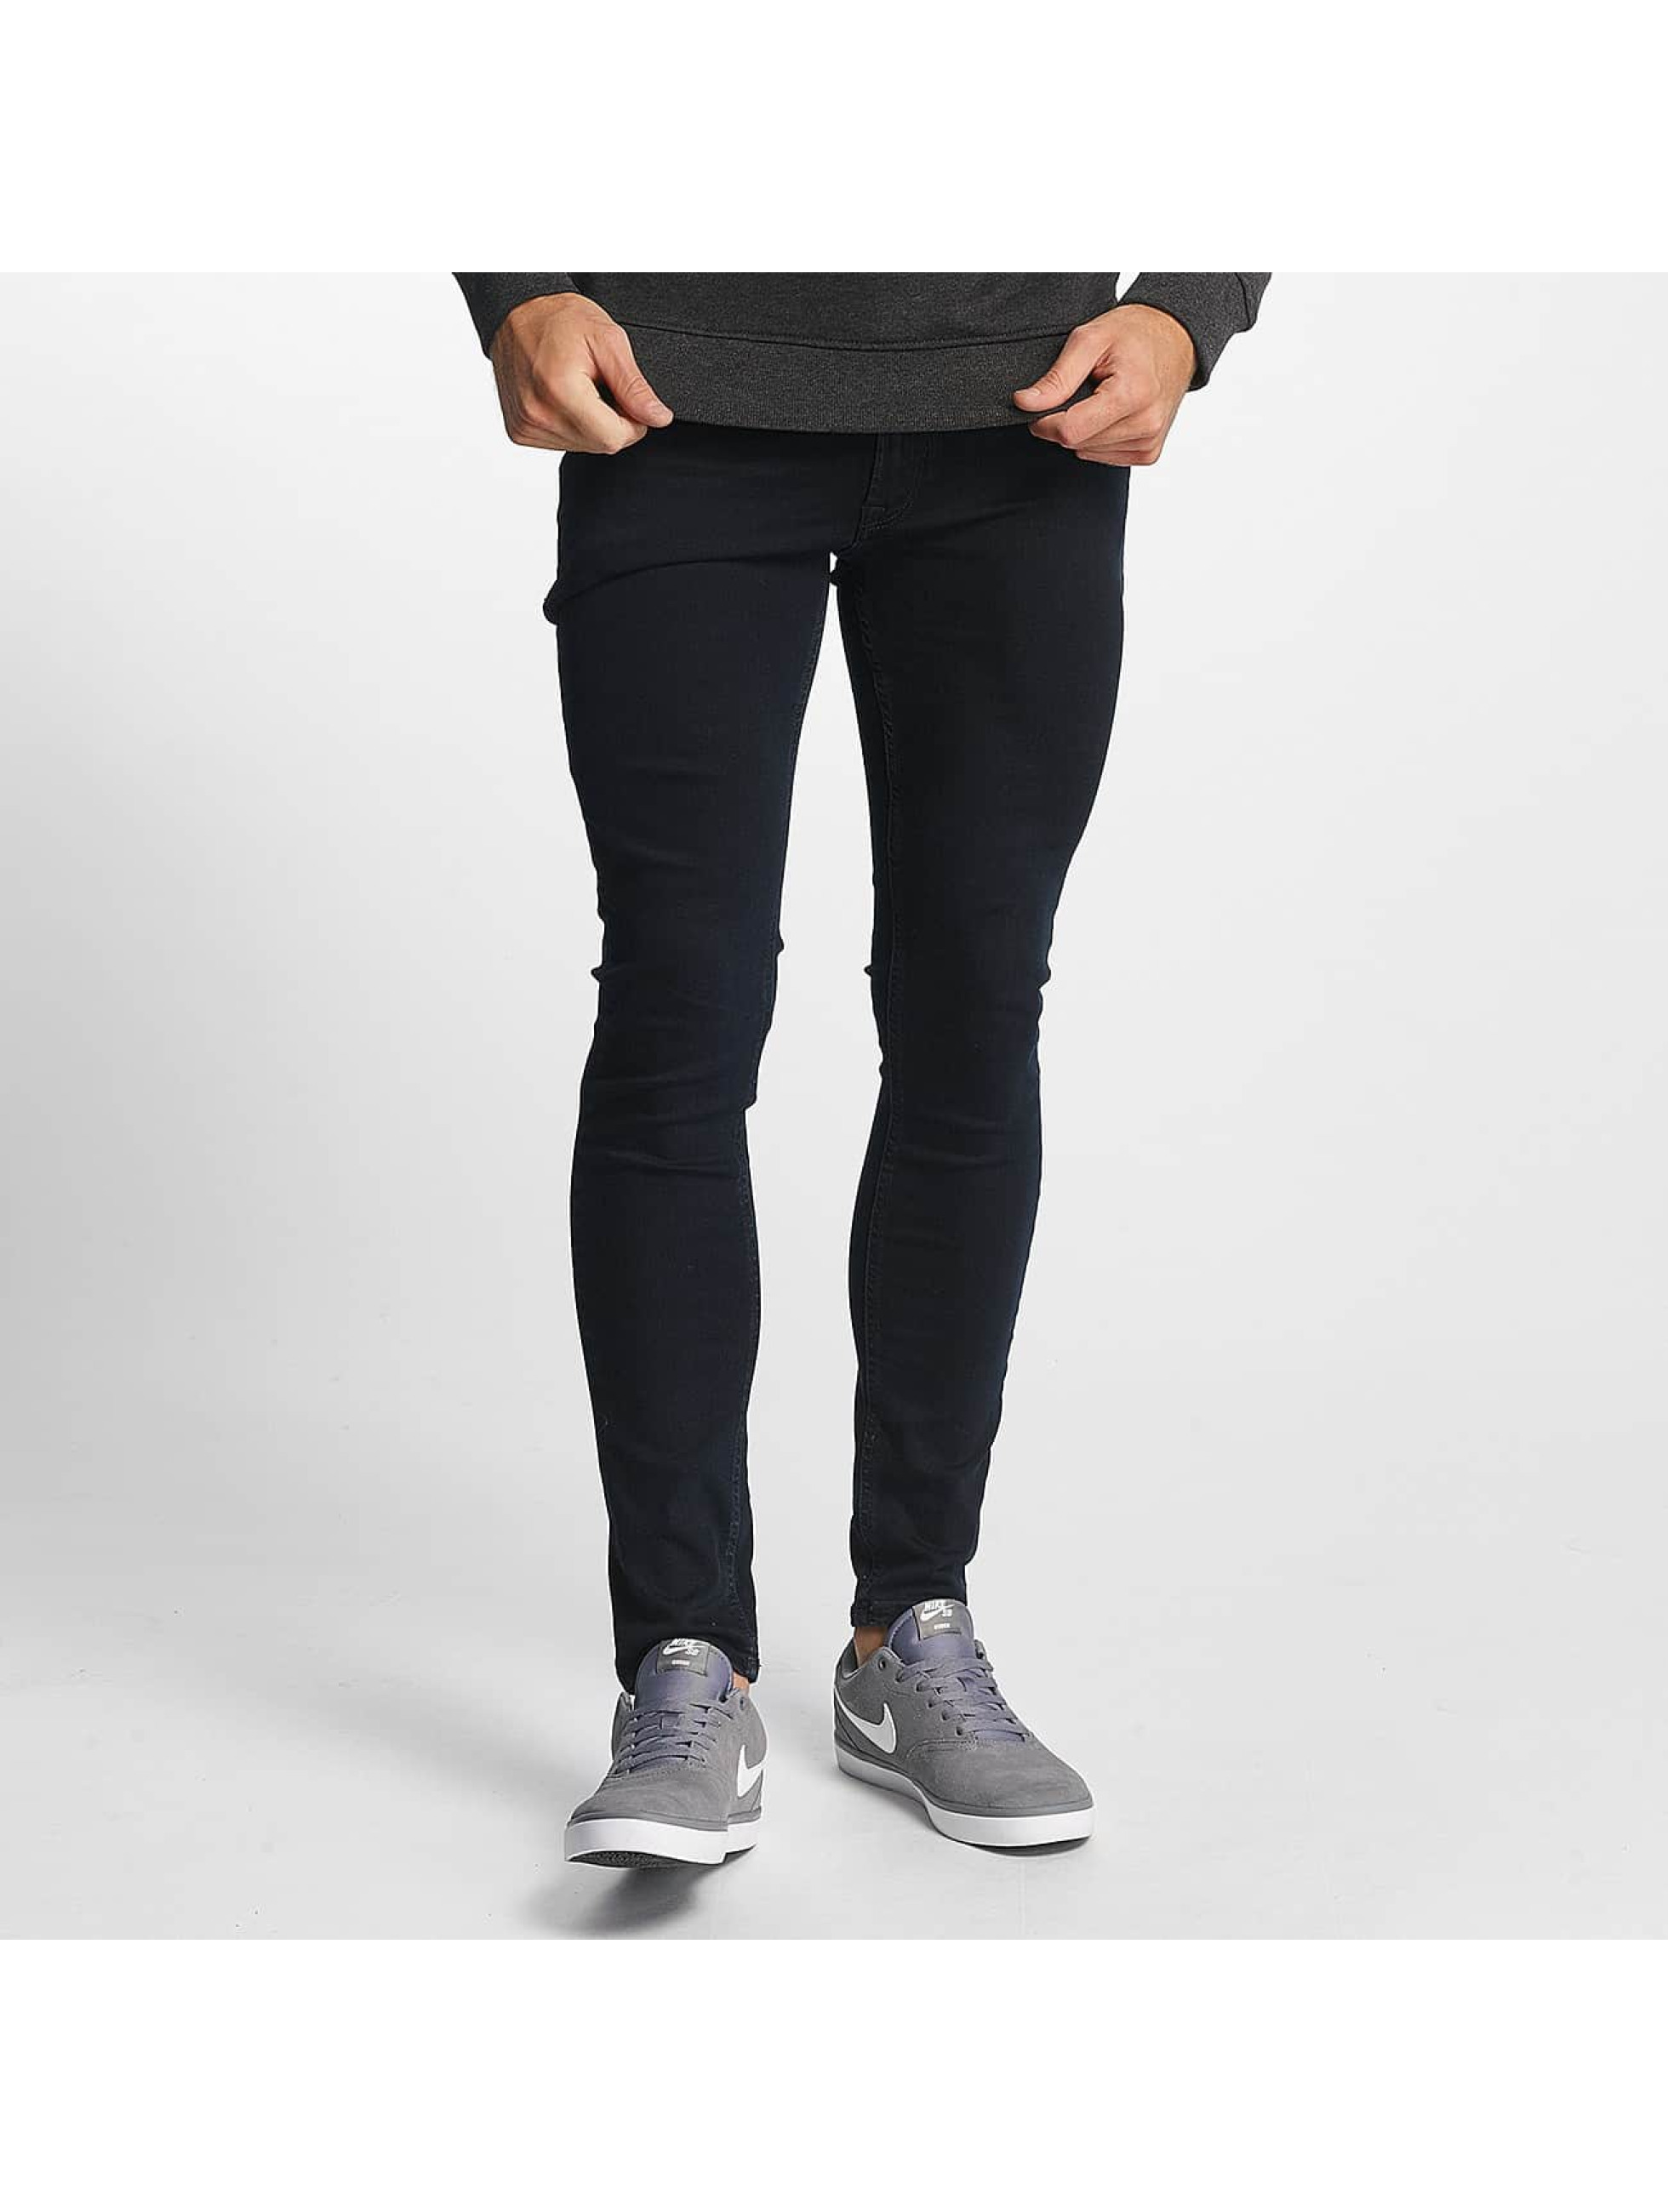 Jack & Jones Männer Skinny Jeans jjiLiam jjOriginal AM 647 in blau